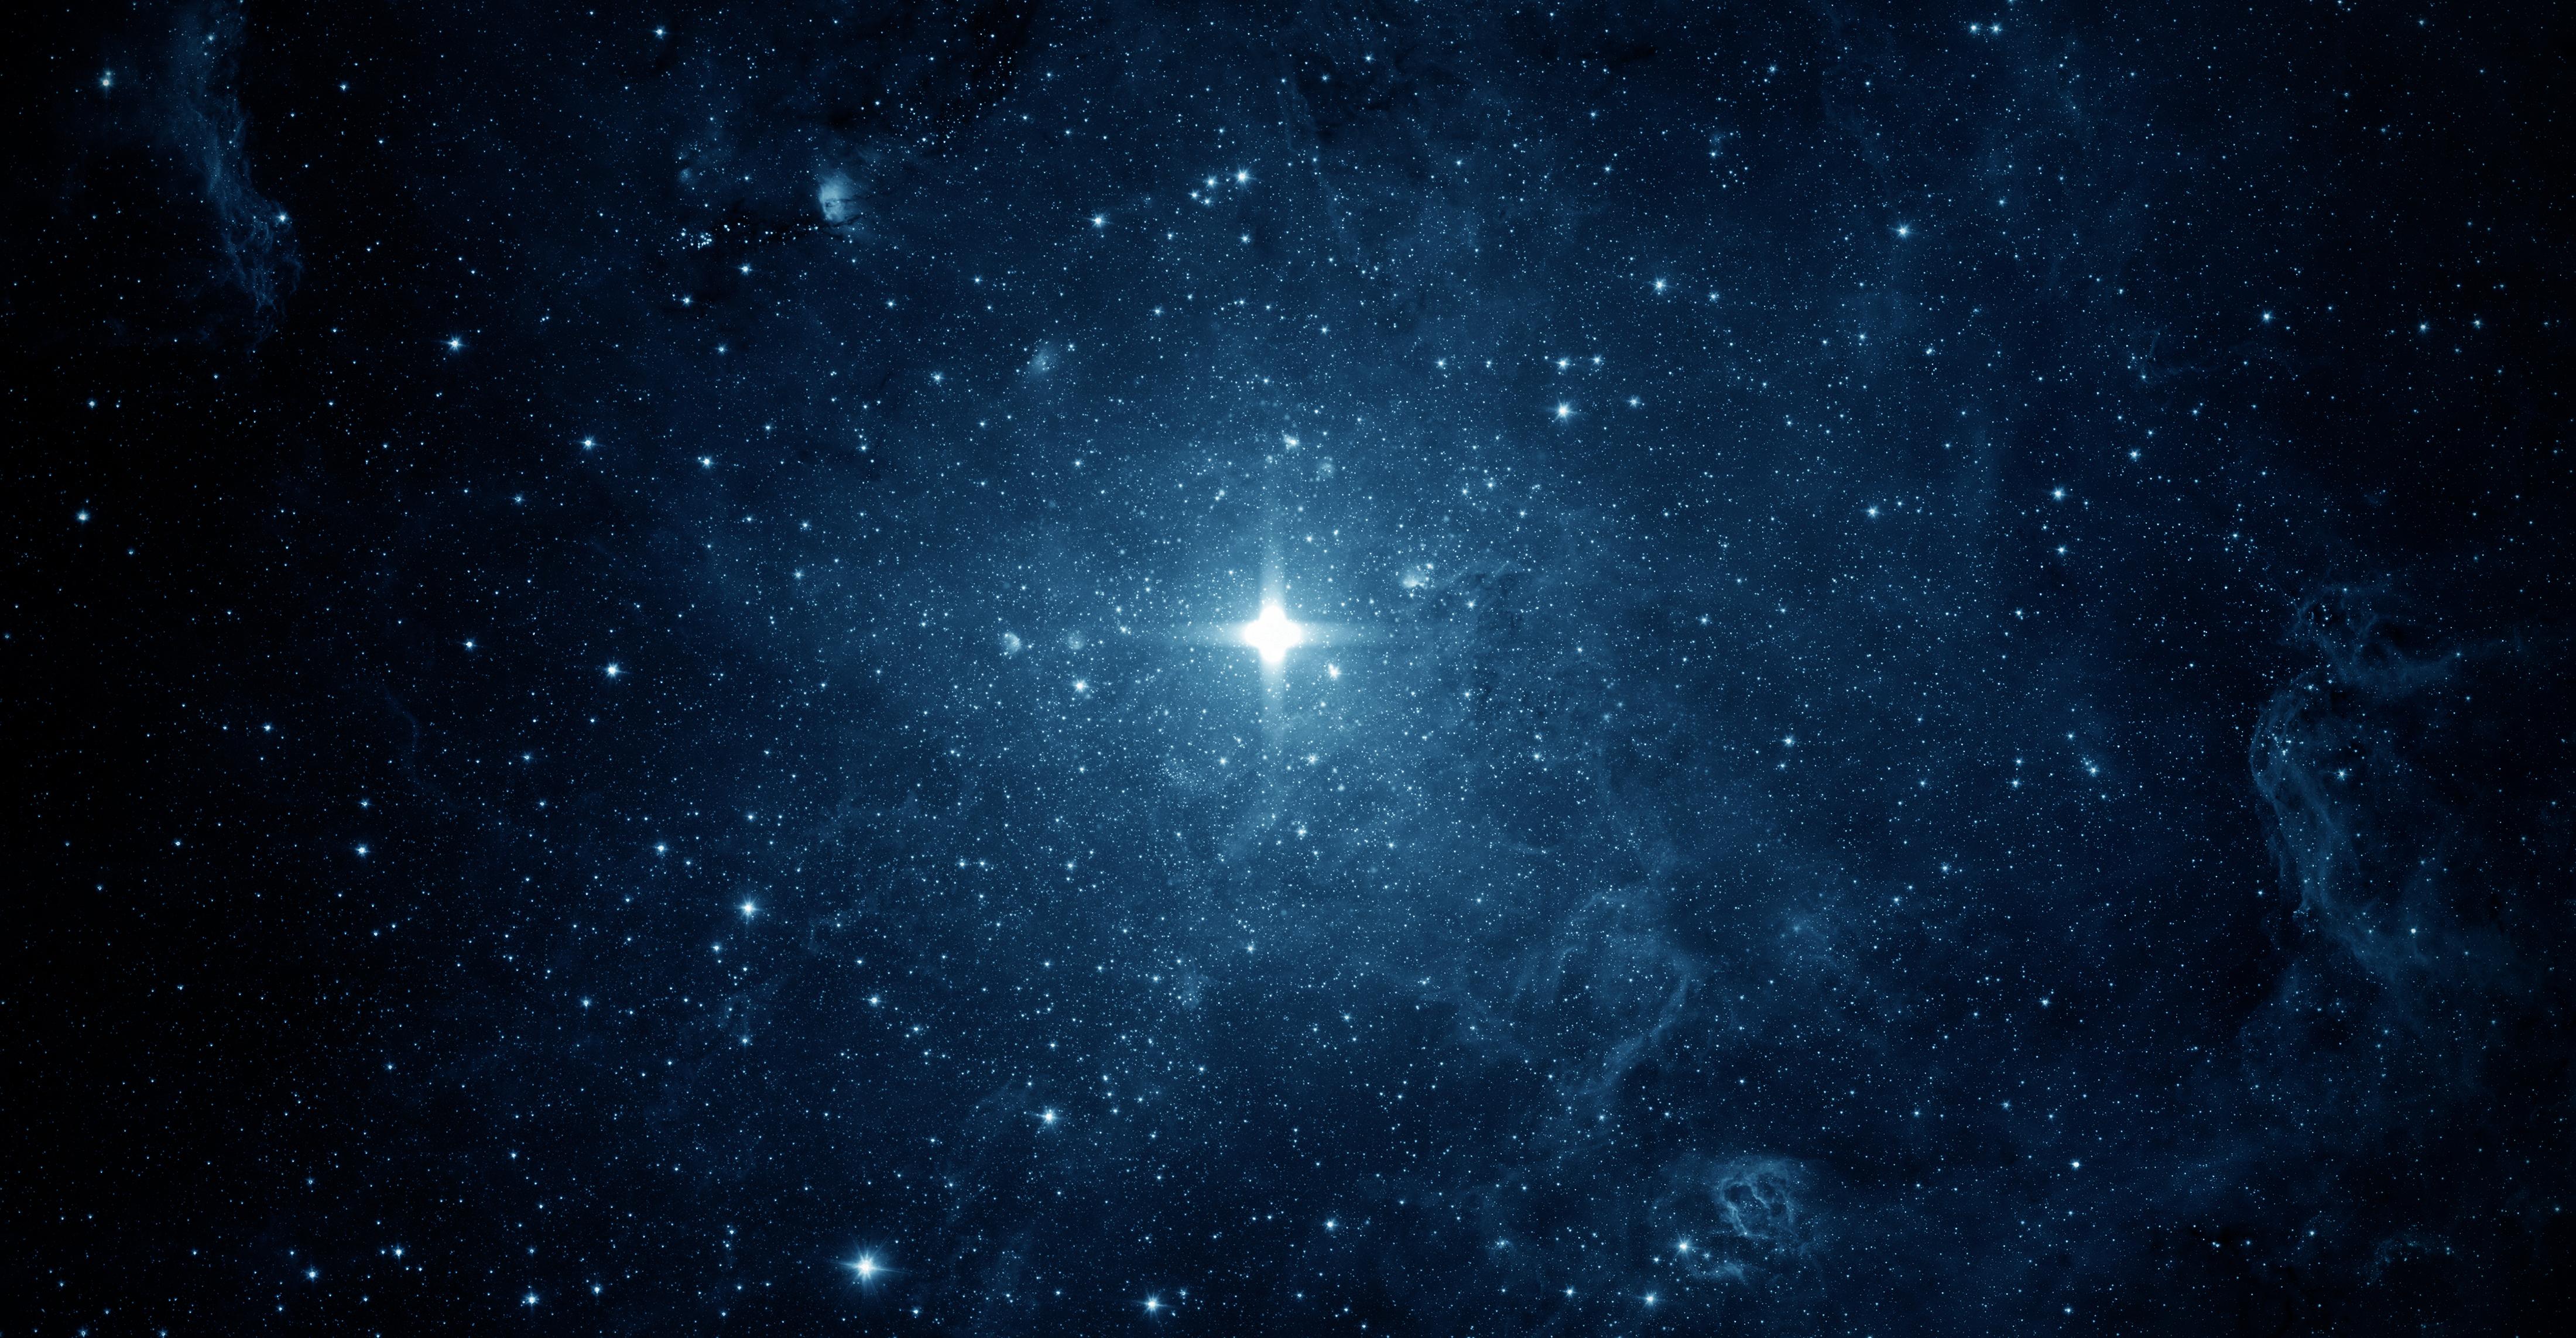 Неизвестные сигналы идут из космоса каждые 16 дней: их причина не установлена